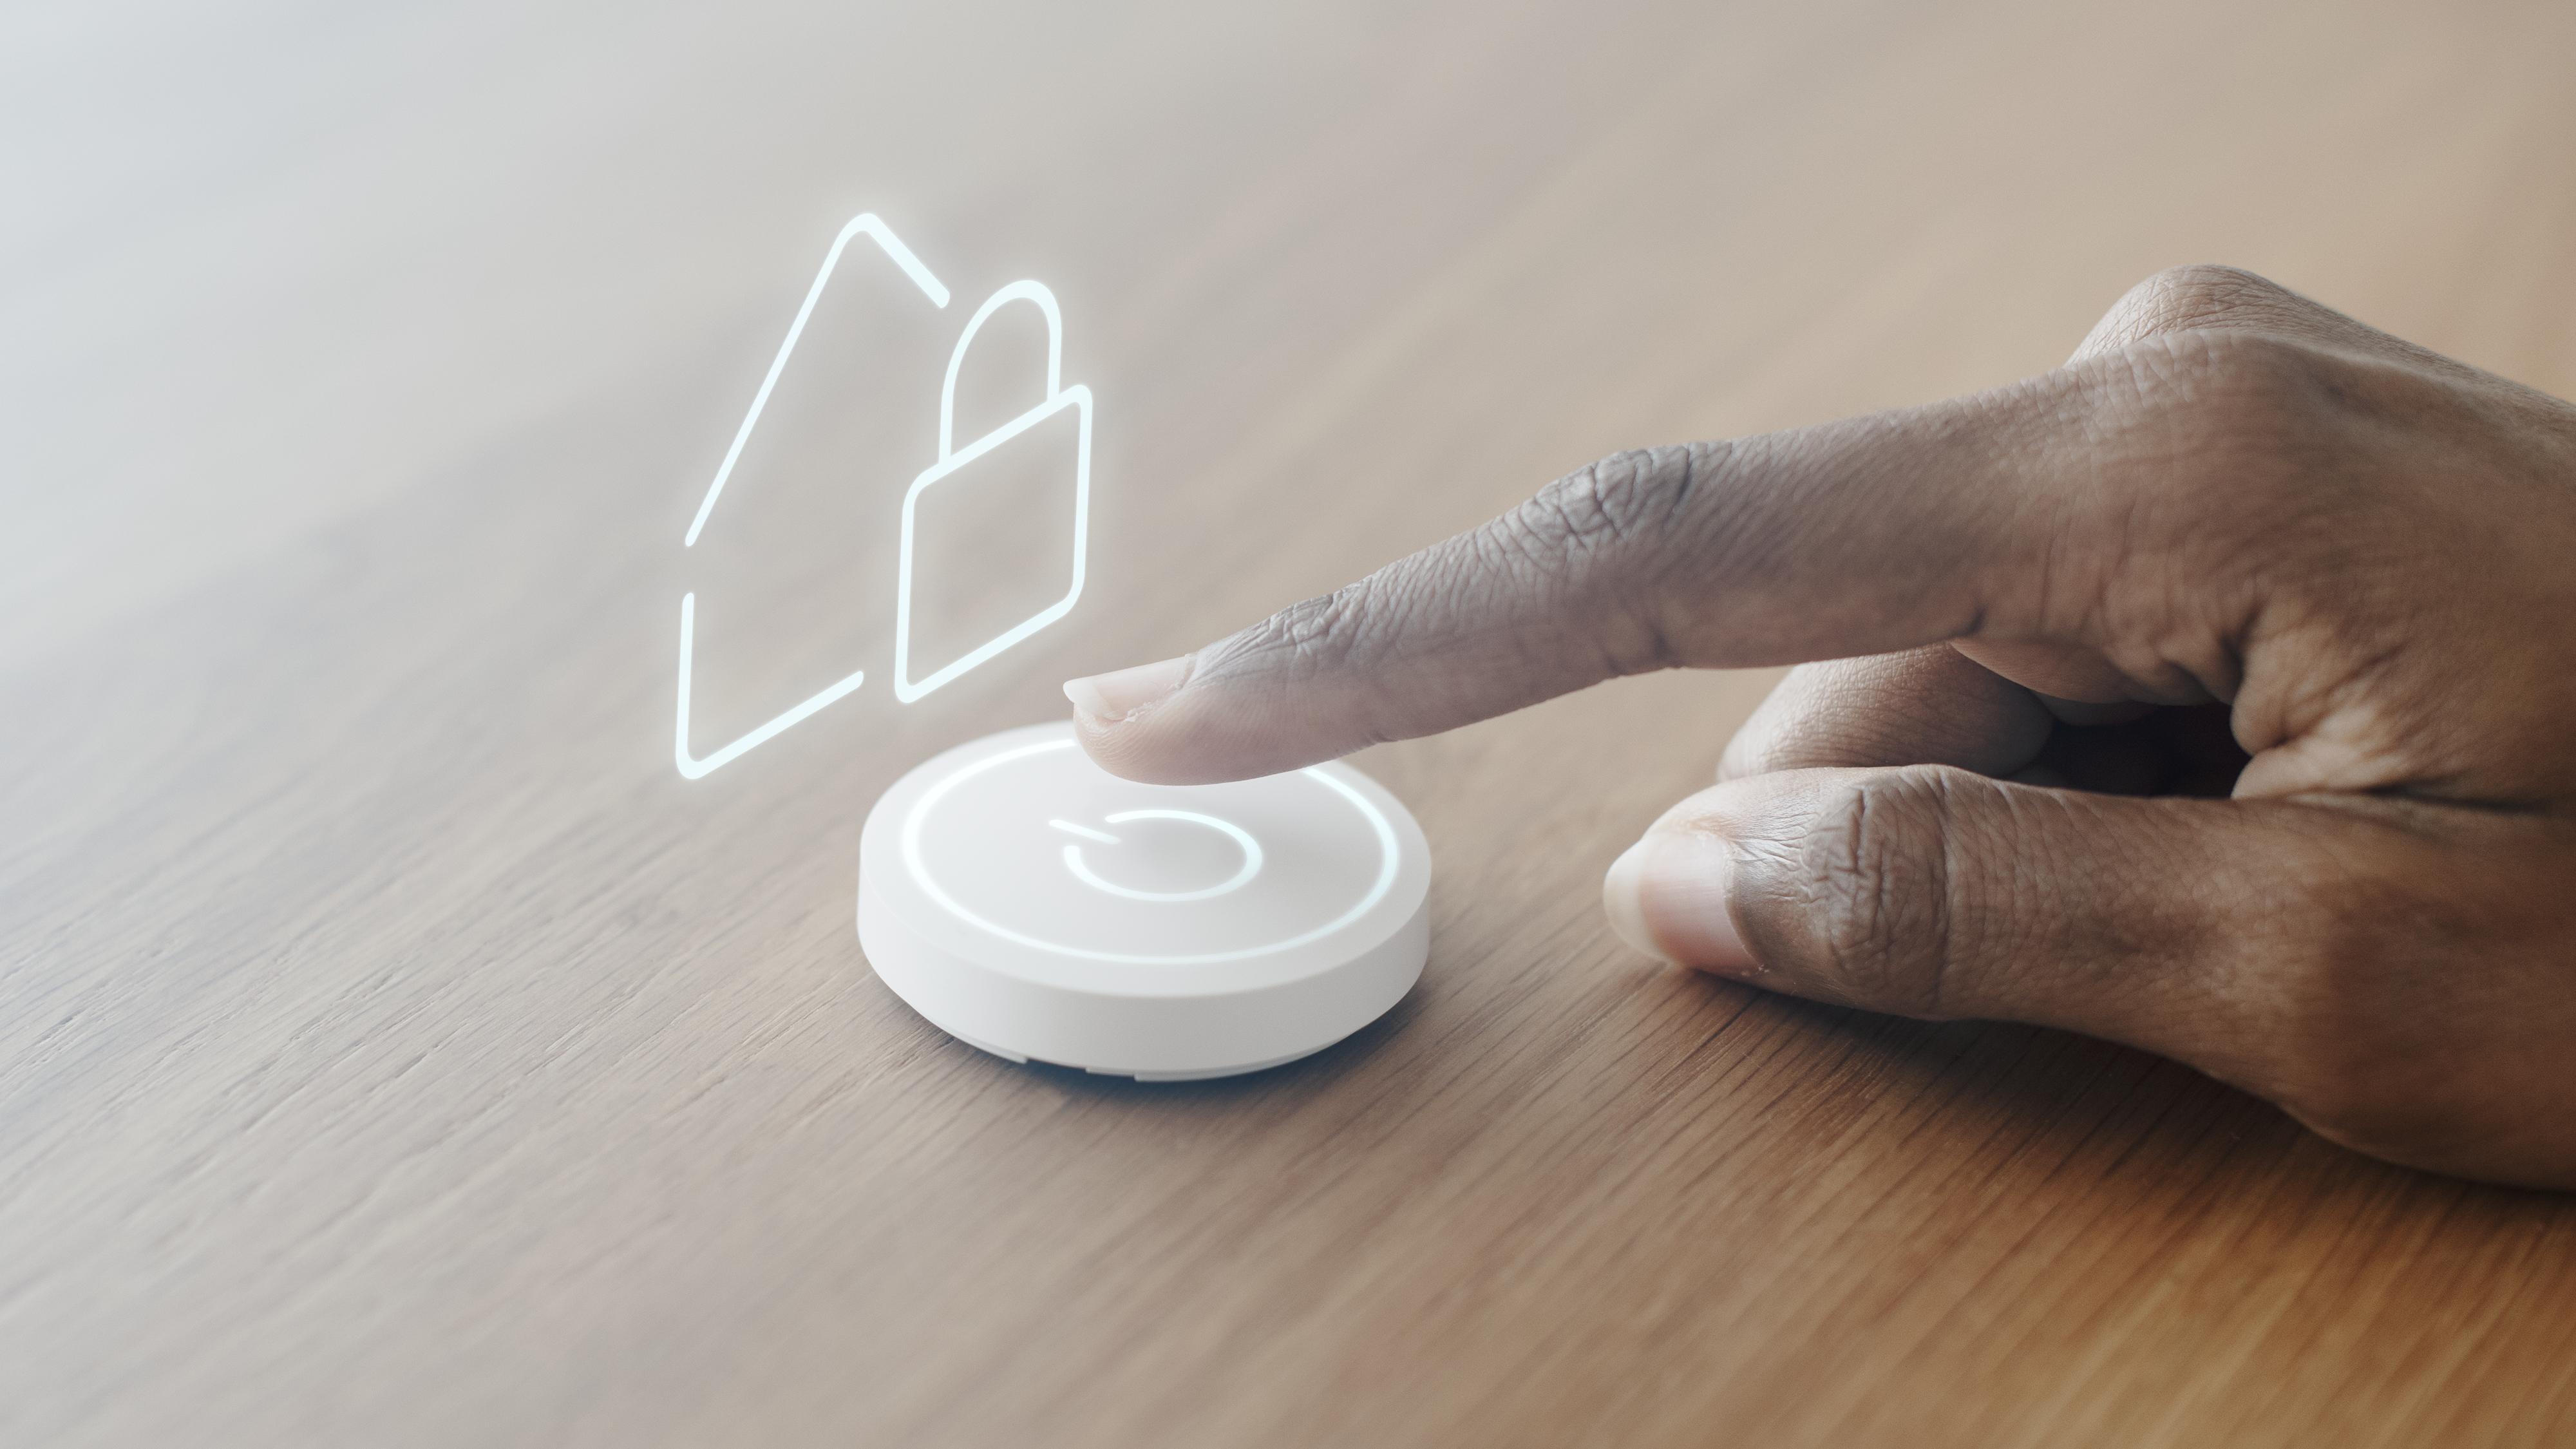 Já ouviu falar em casas inteligentes? Conheça as tecnologias inovadoras que trazem mais praticidade e economia para o lar